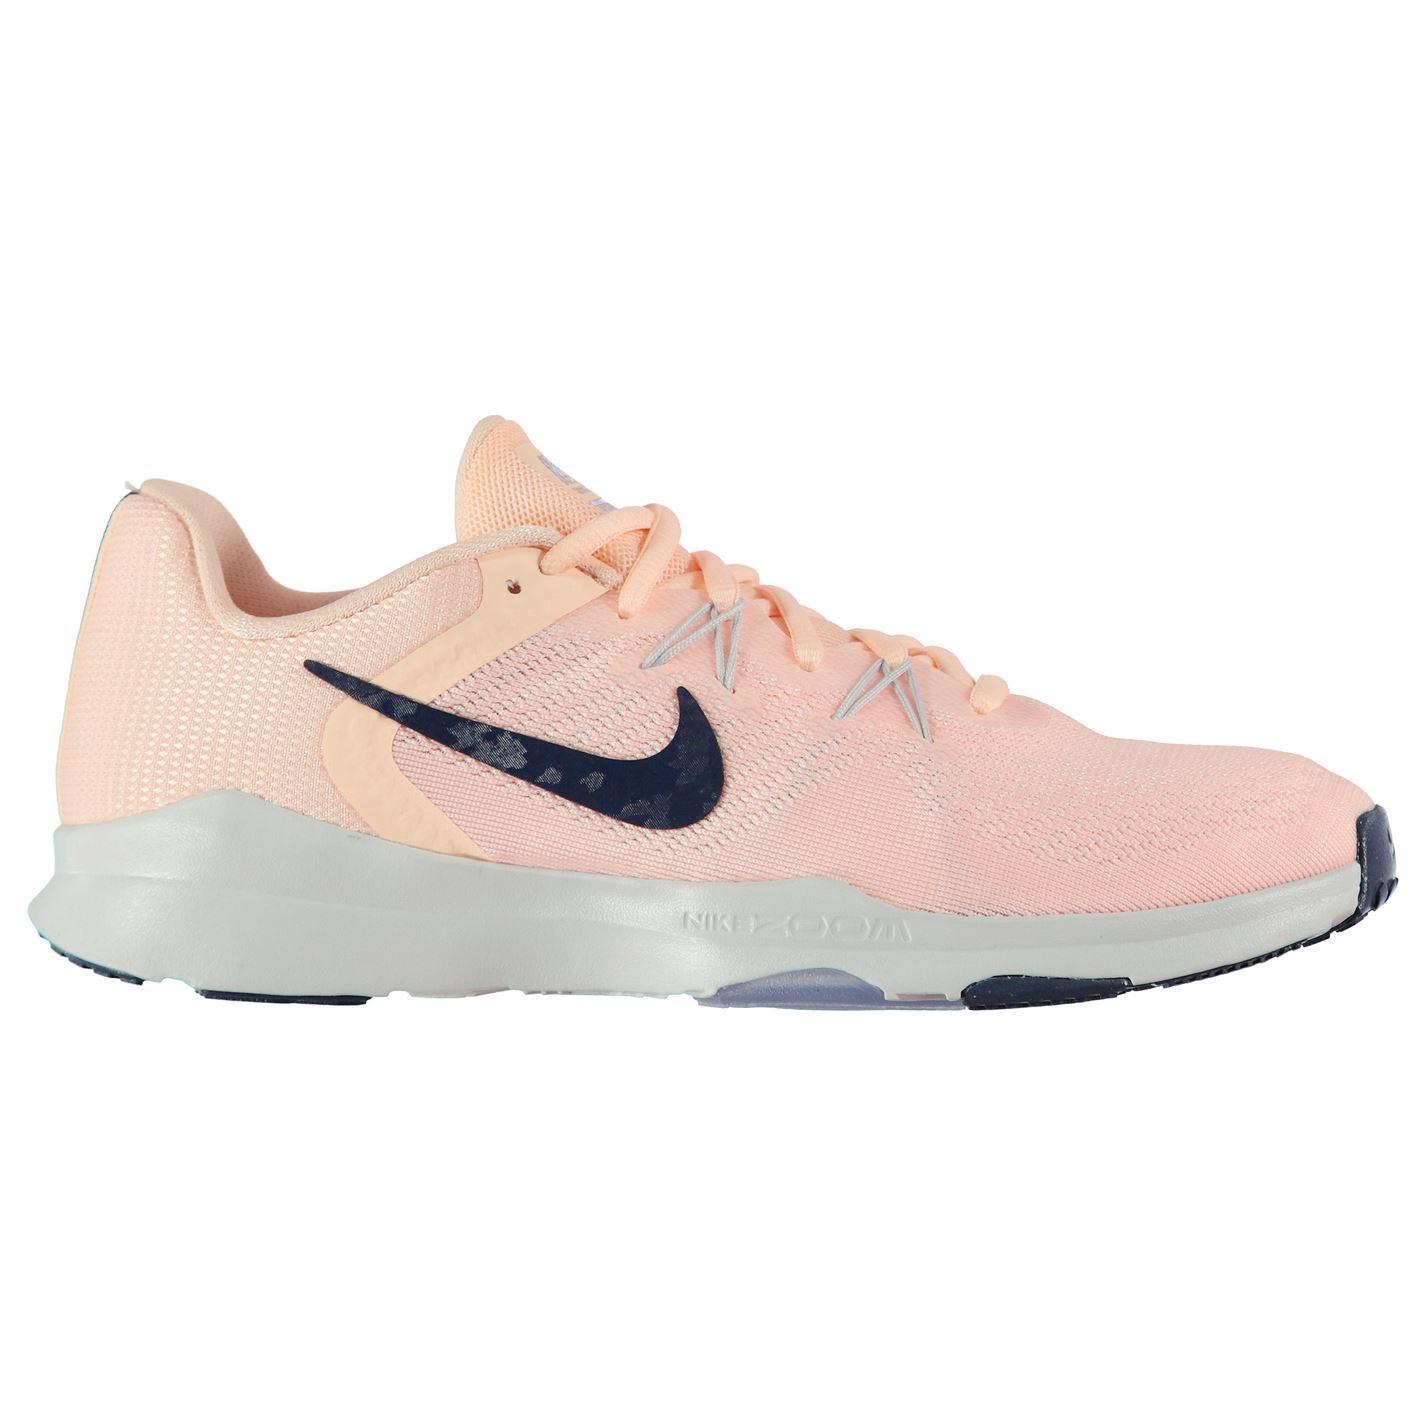 Dettagli su Nike Zoom Condizioni 2 Scarpe da Ginnastica Donna Rosa Palestra Fitness Sportive